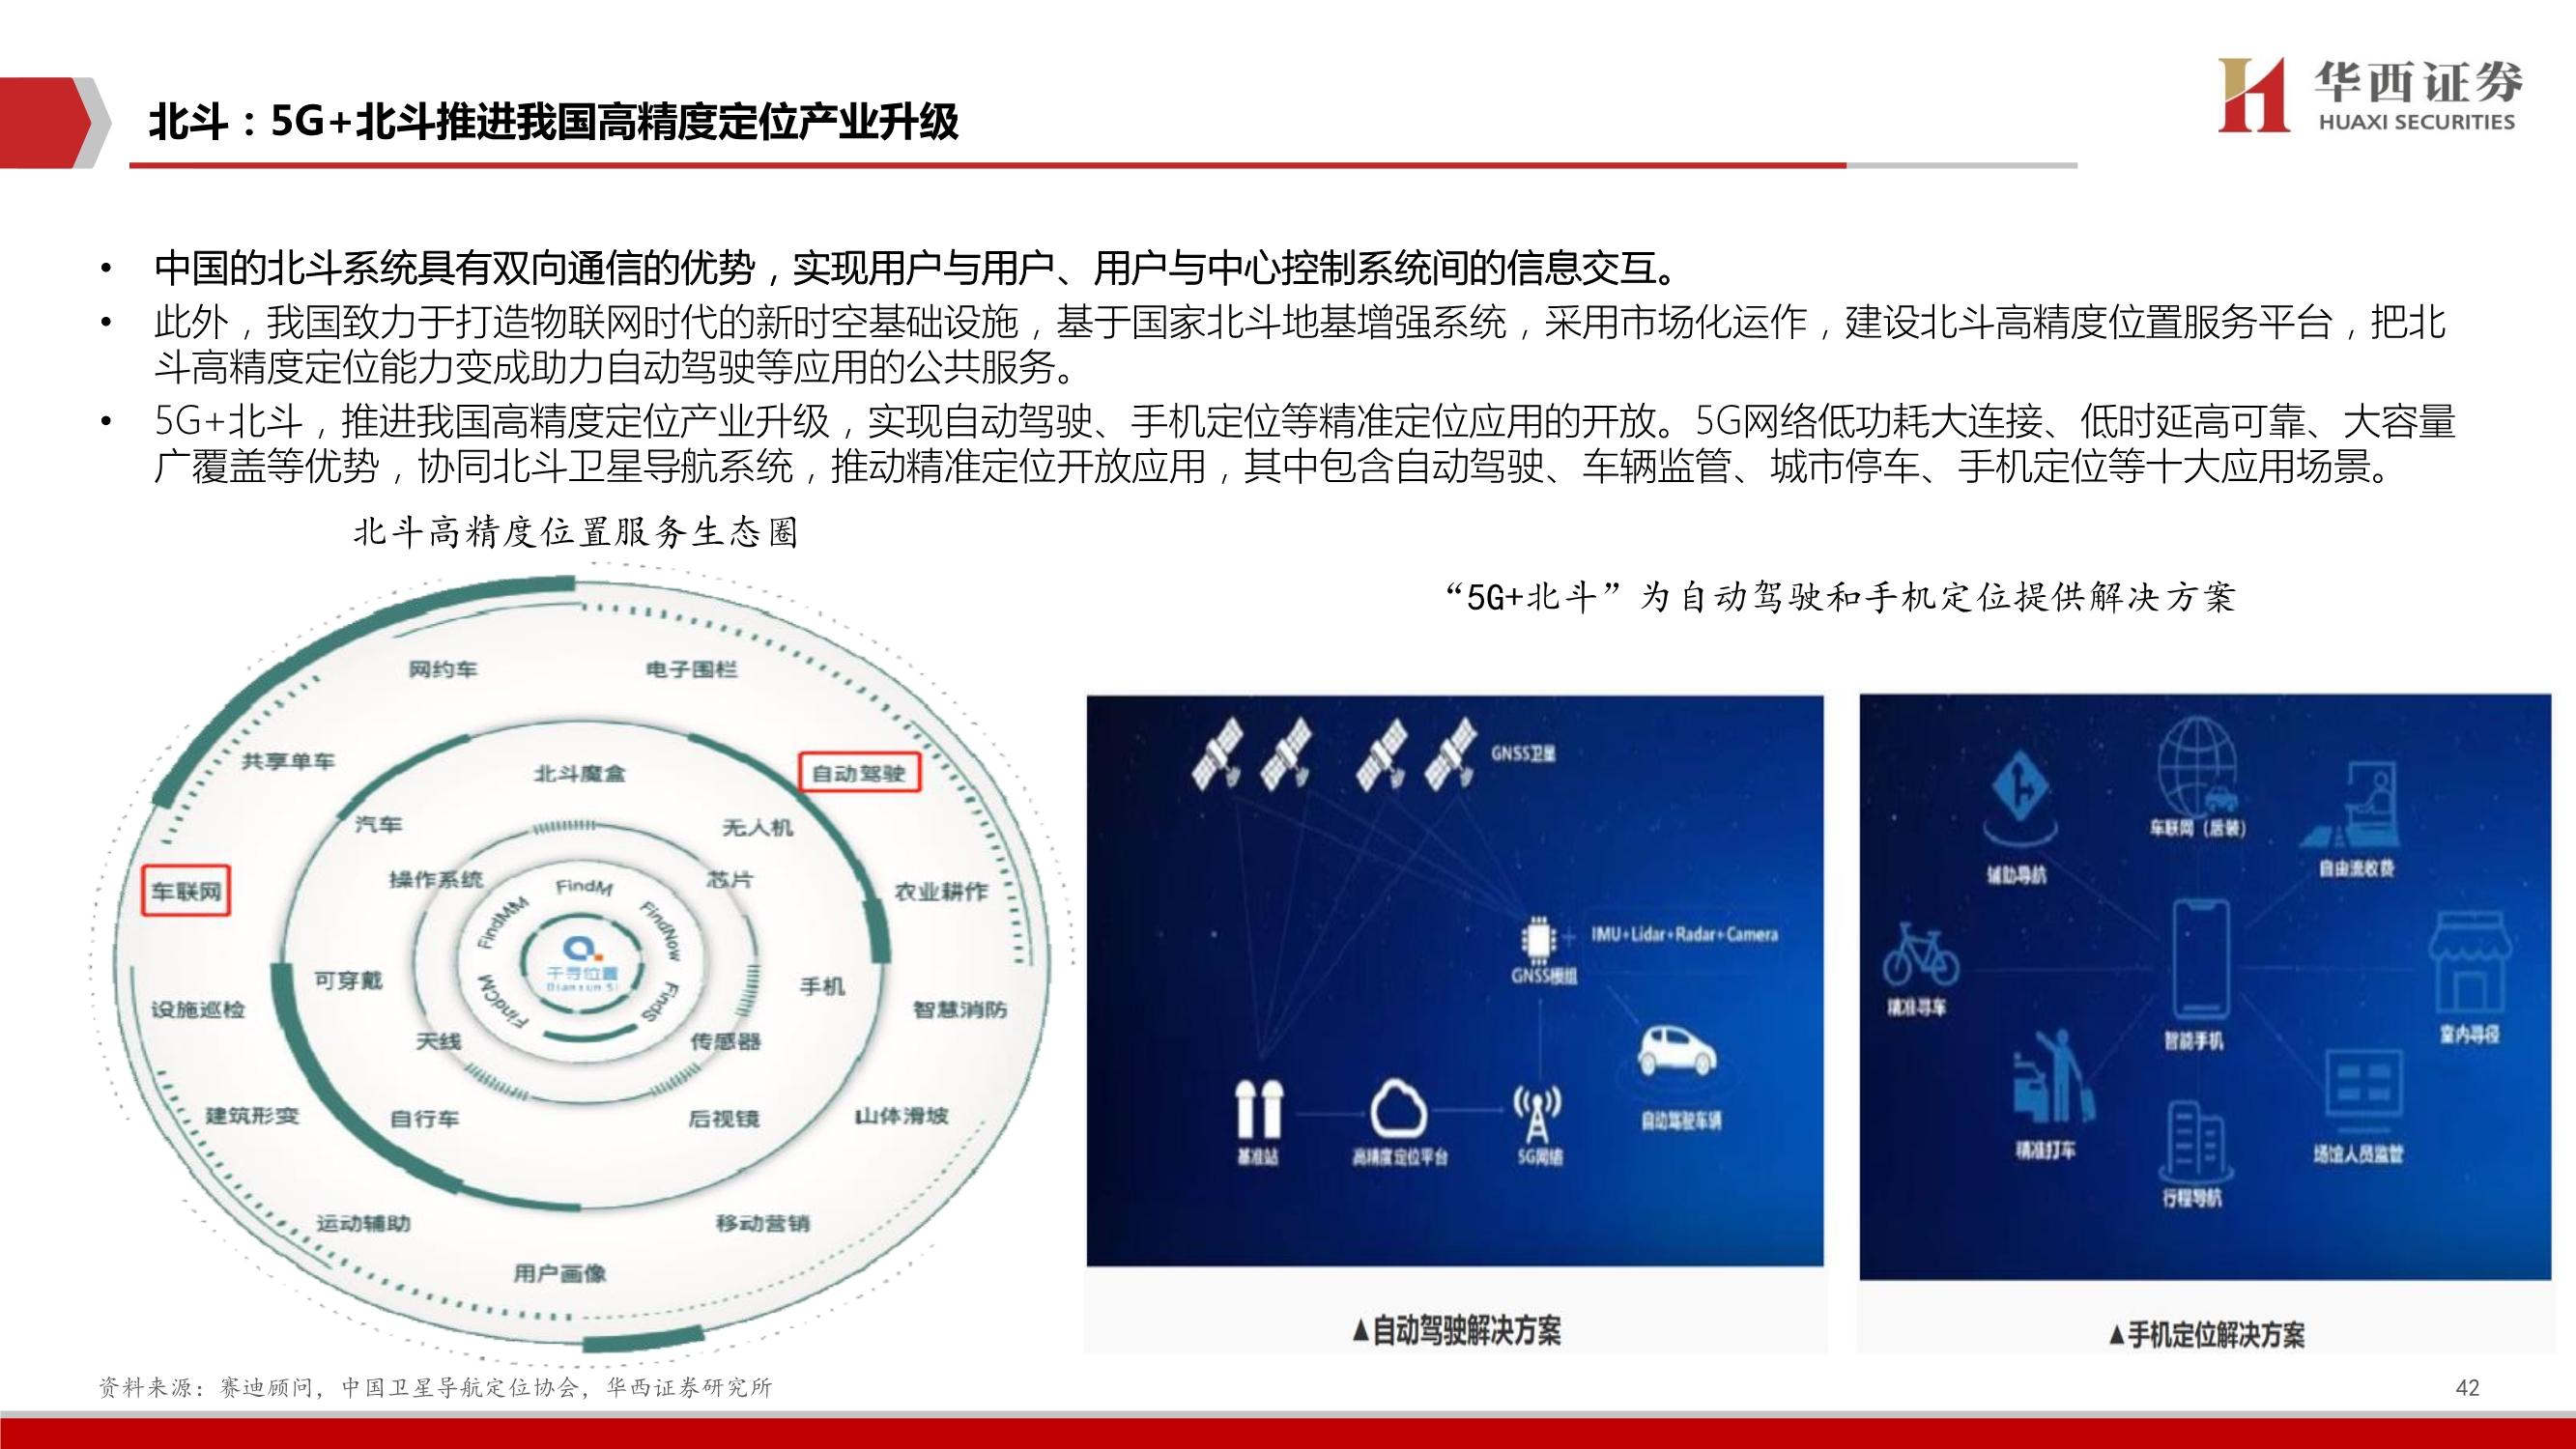 车联网行业深度报告:车、网渗透率轮流驱动车联网商用落地